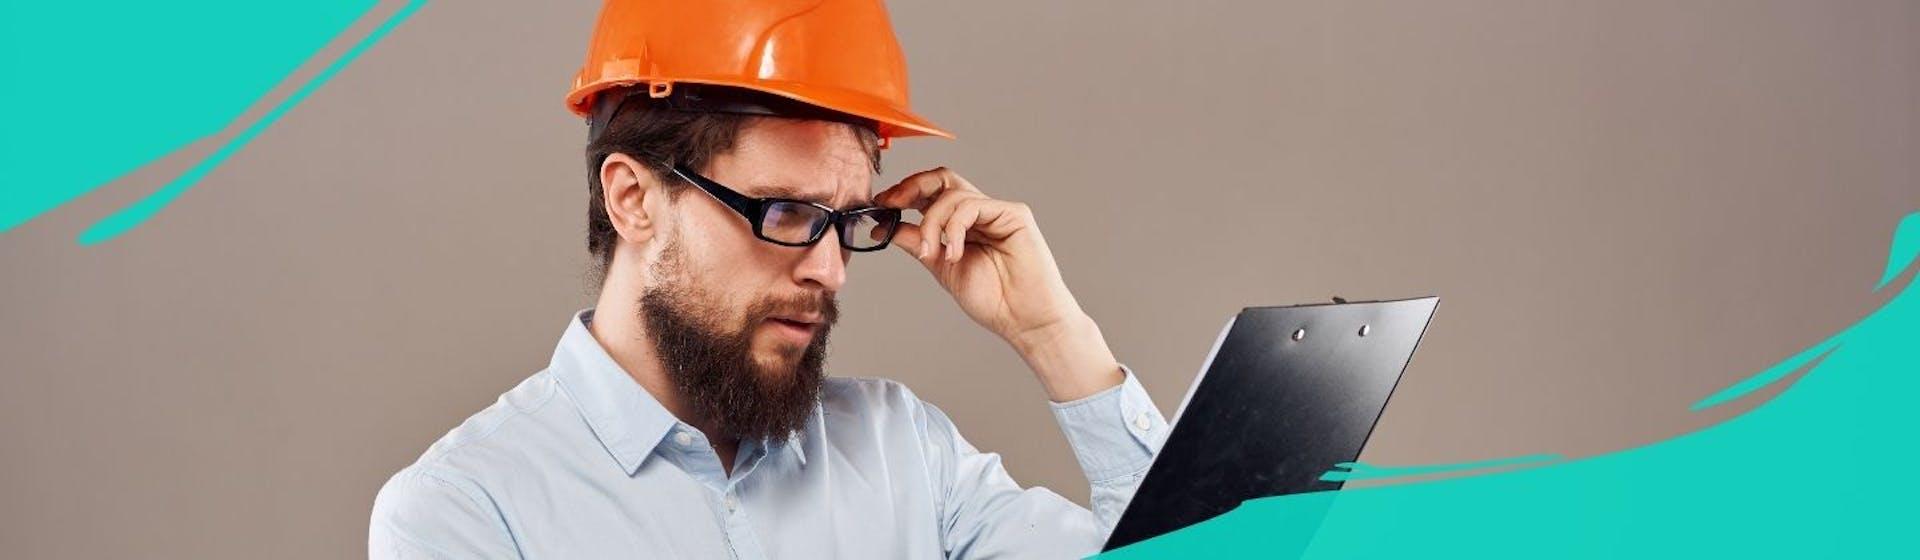 ¿Cómo hacer un manual de procesos? Ordena el trabajo de forma estratégica